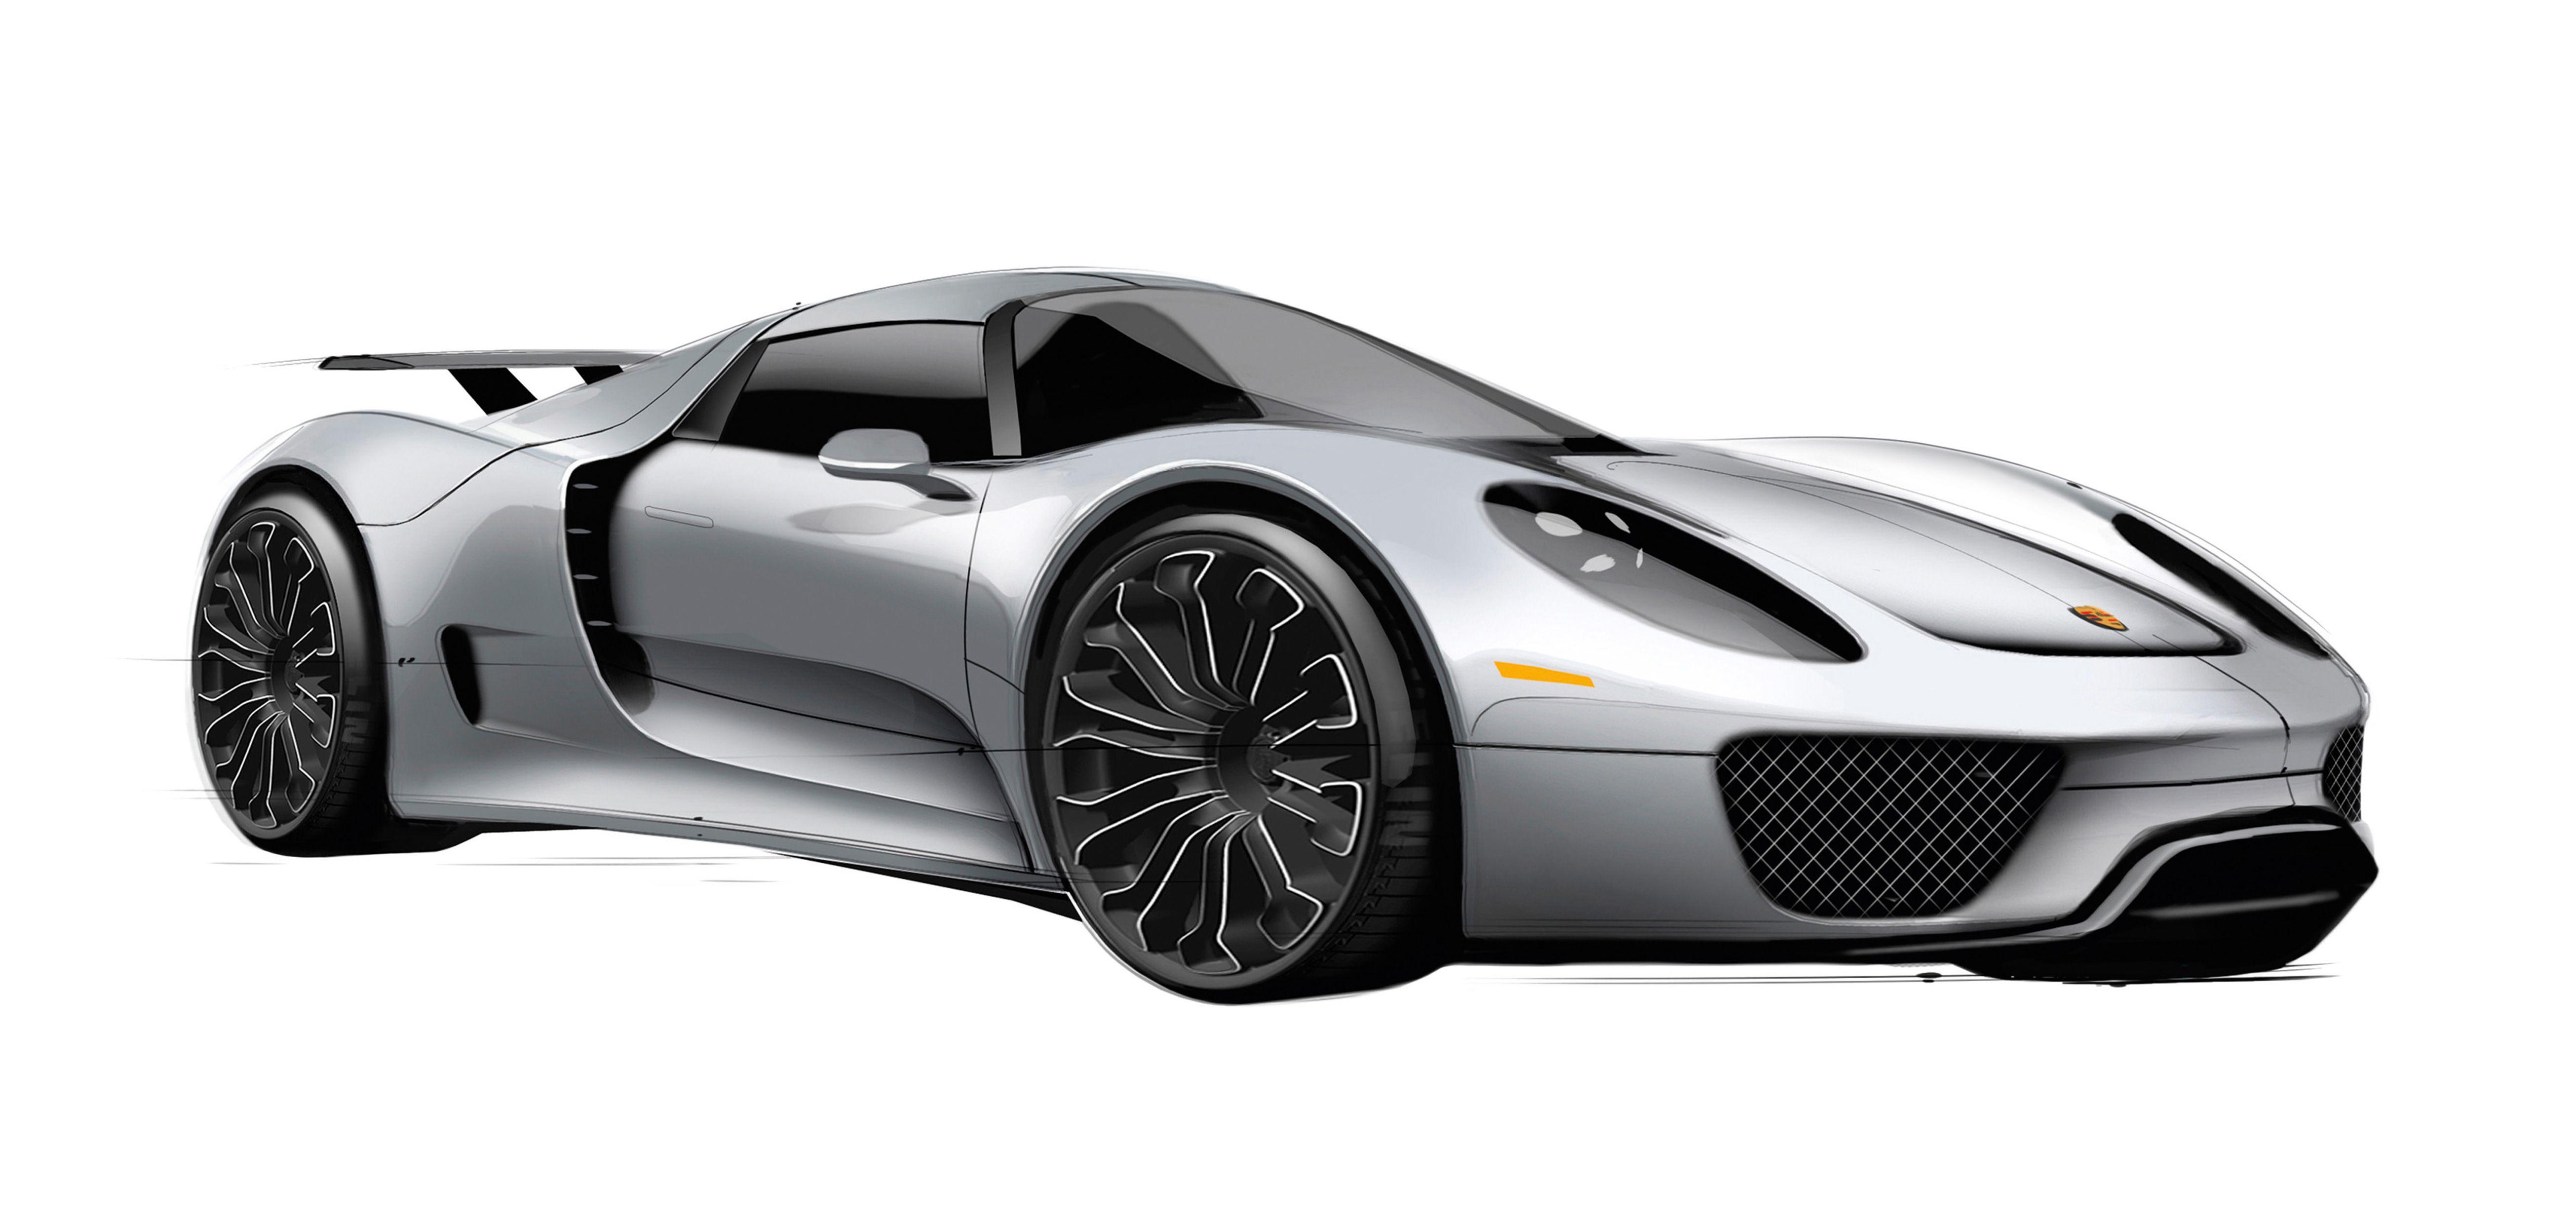 Pricing Announced For Porsche 918 Spyder Porsche 918 Super Cars Hybrid Car